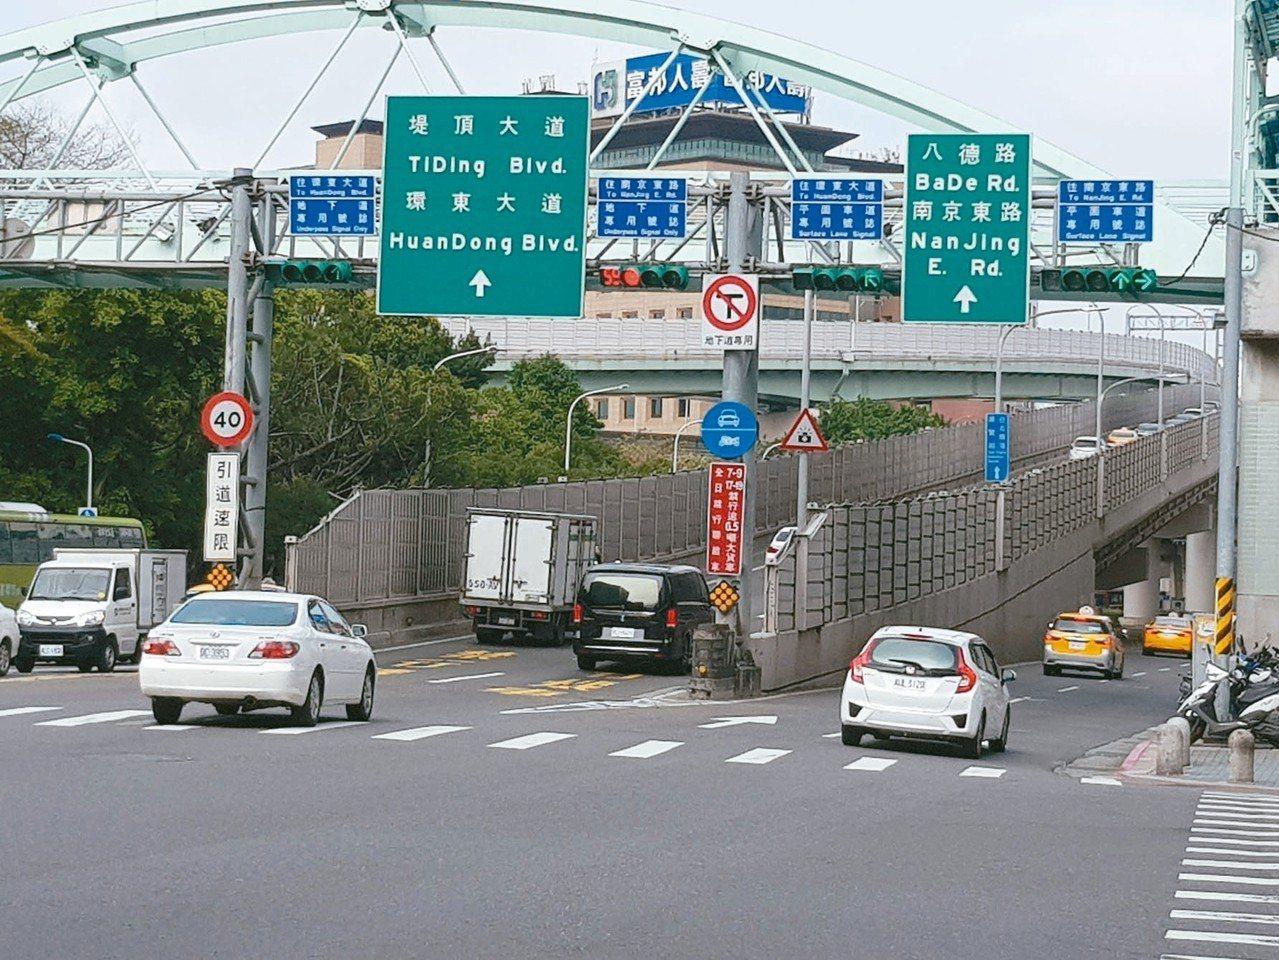 基隆路新交管措施3月12日上路,上班日下午5時到7時,松隆路口前地下道往北車流僅...